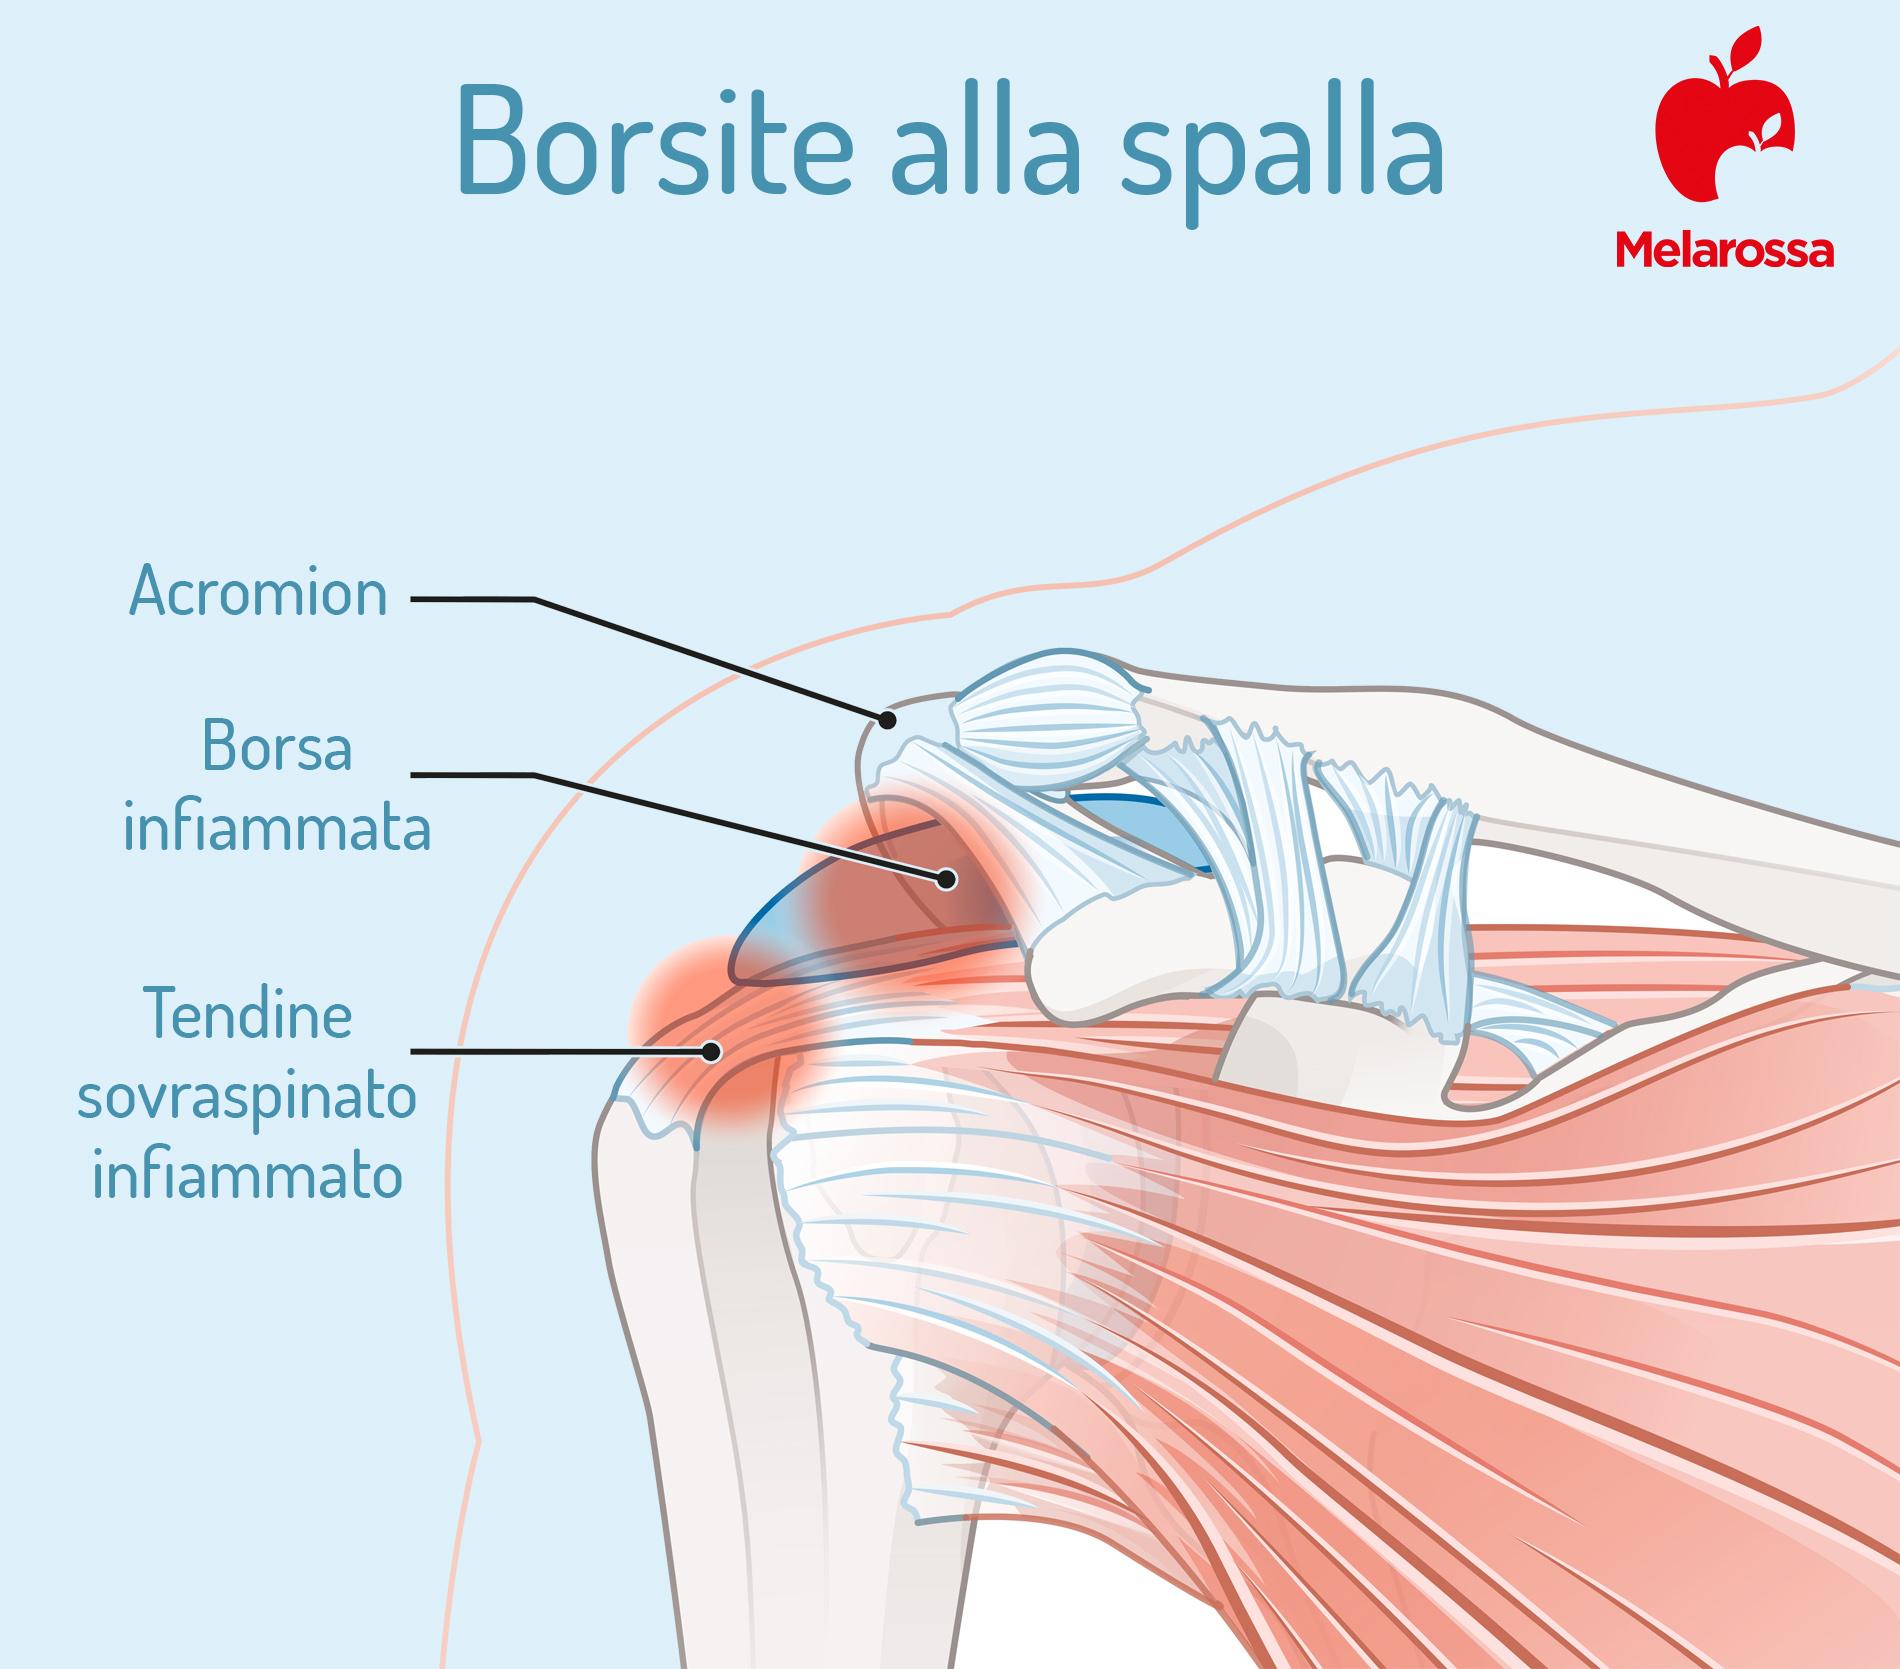 borsite alla spalla: sintomi